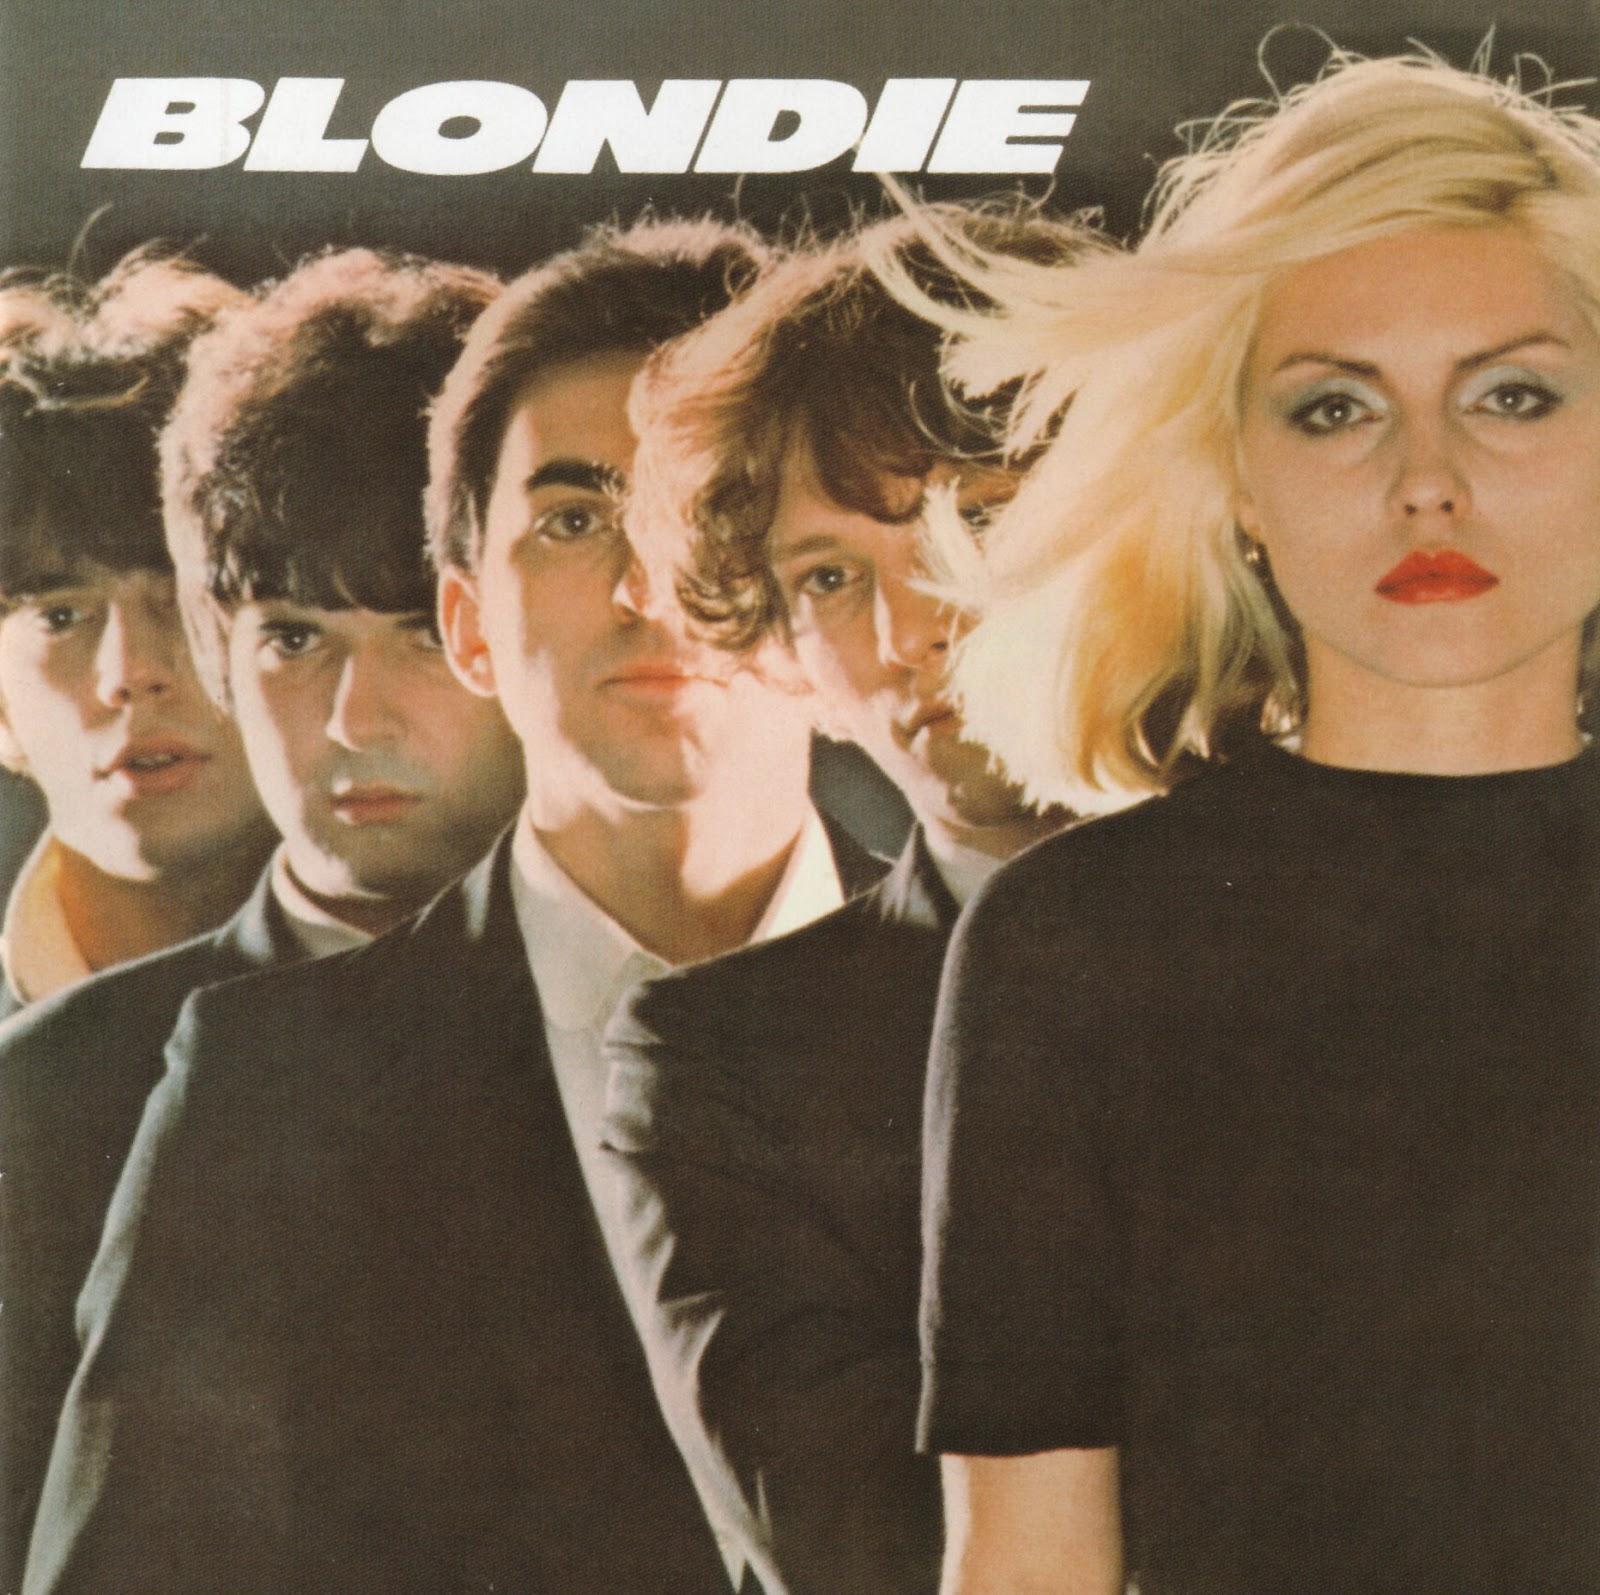 Pornostar Blondie